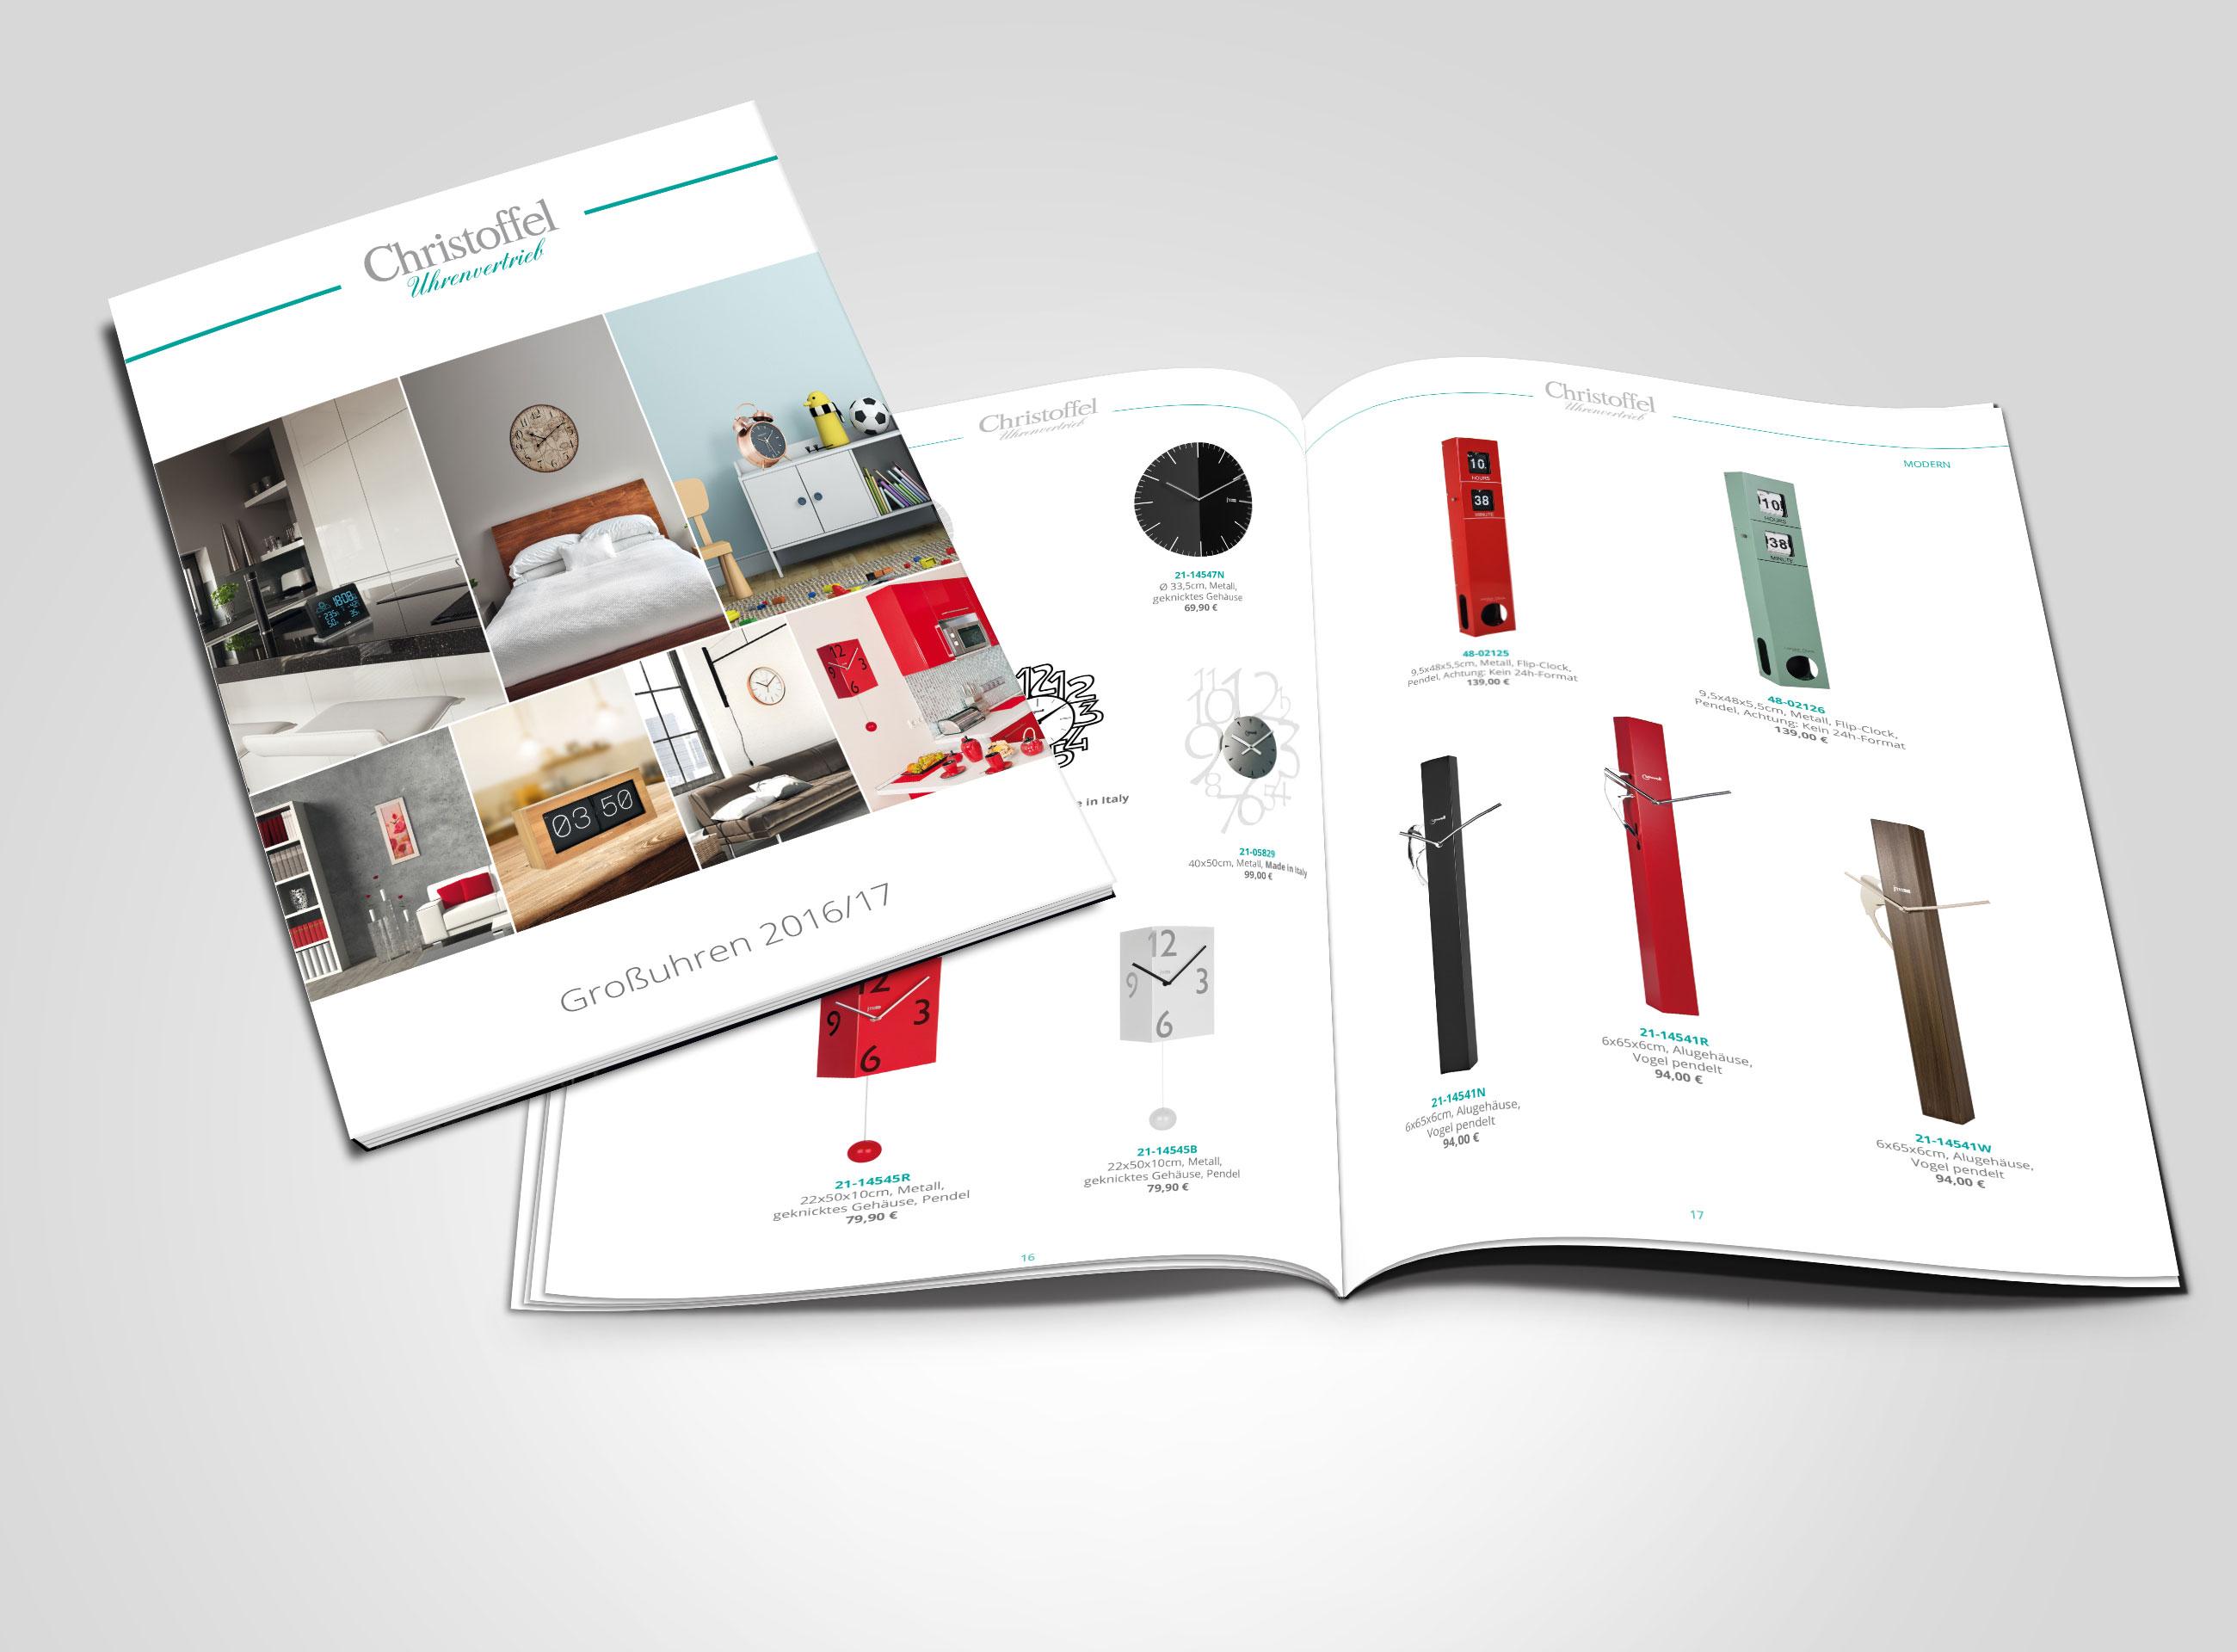 der neue gro uhren katalog von christoffel christoffel. Black Bedroom Furniture Sets. Home Design Ideas